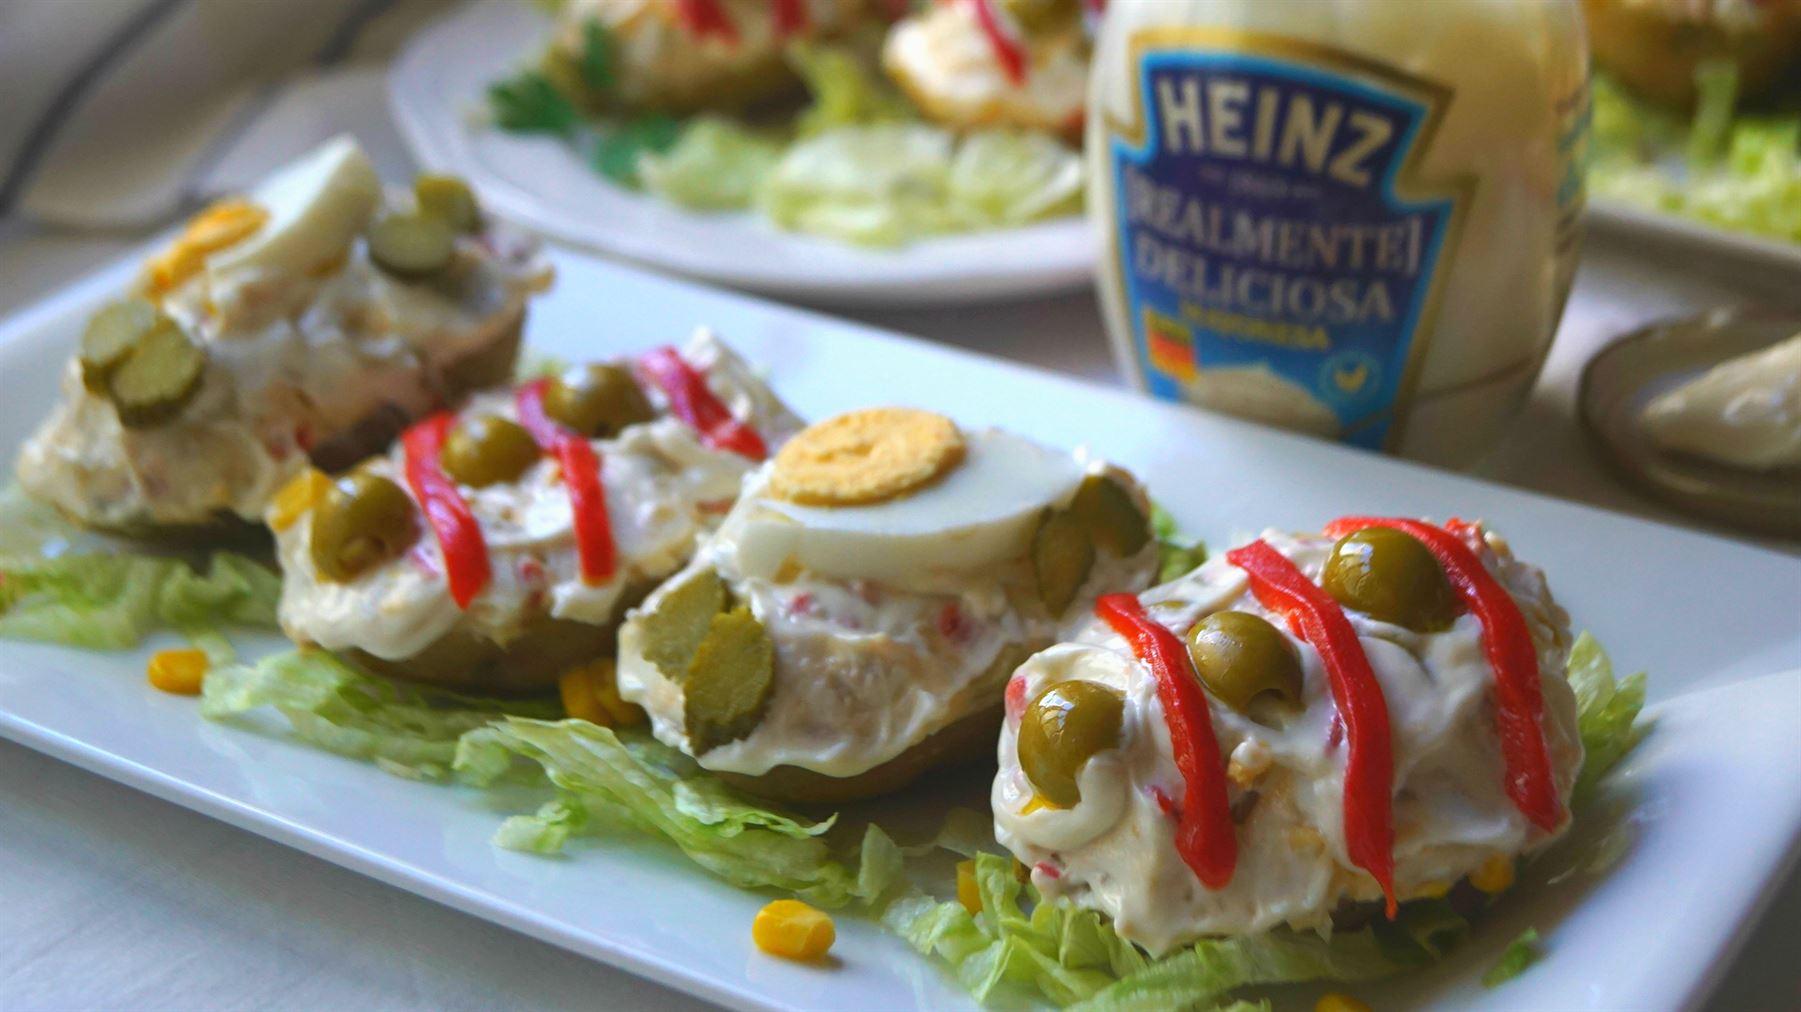 Patatas rellenas de ensaladilla anna recetas f ciles for Platos faciles de cocinar